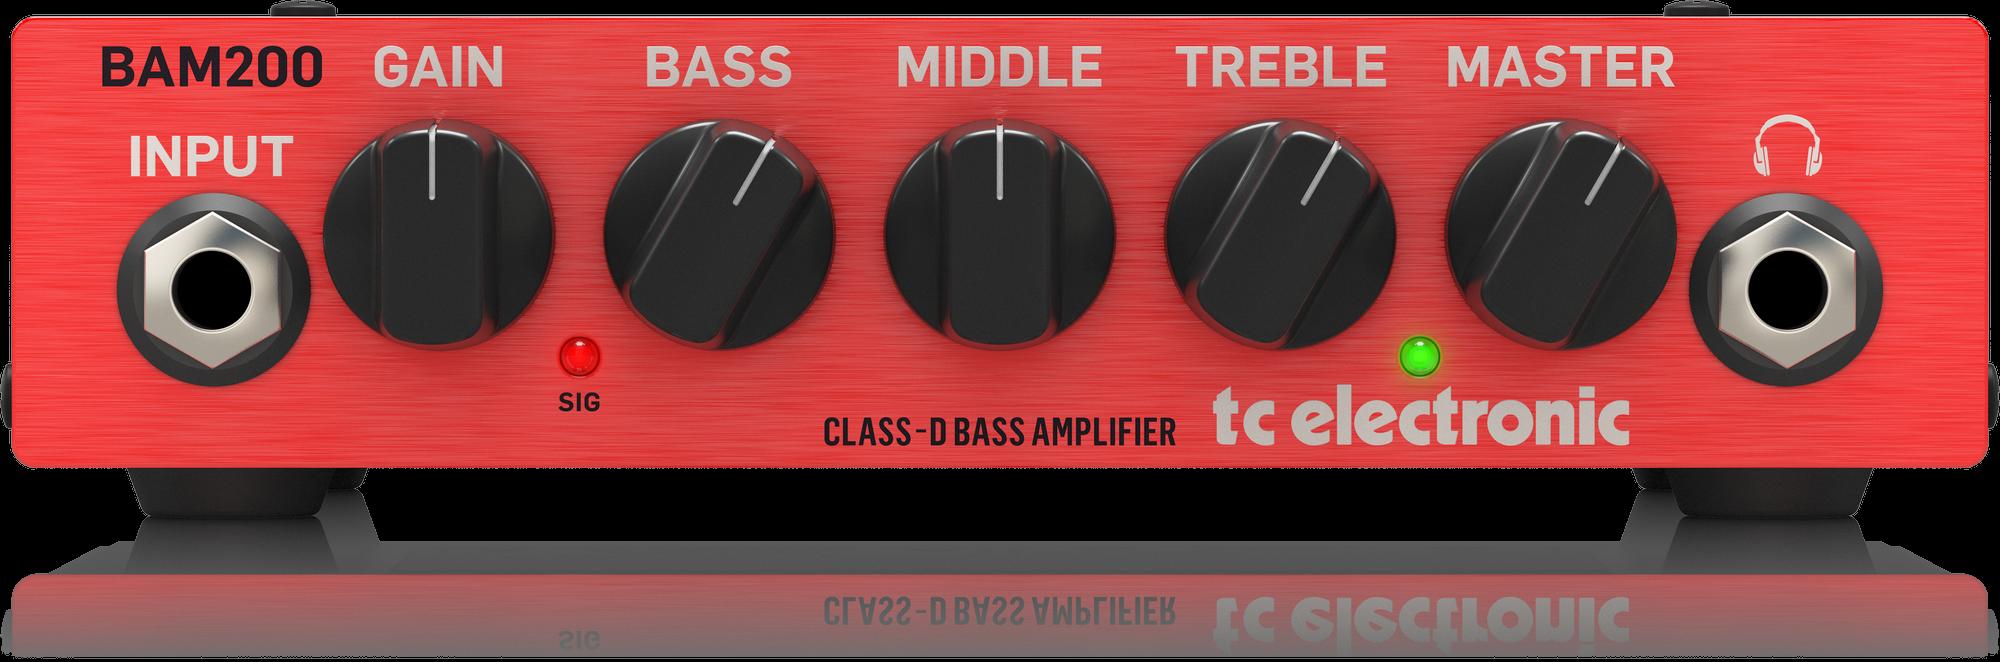 TC Electronic BAM 200 Ultra-Compact 200 Watt Bass He